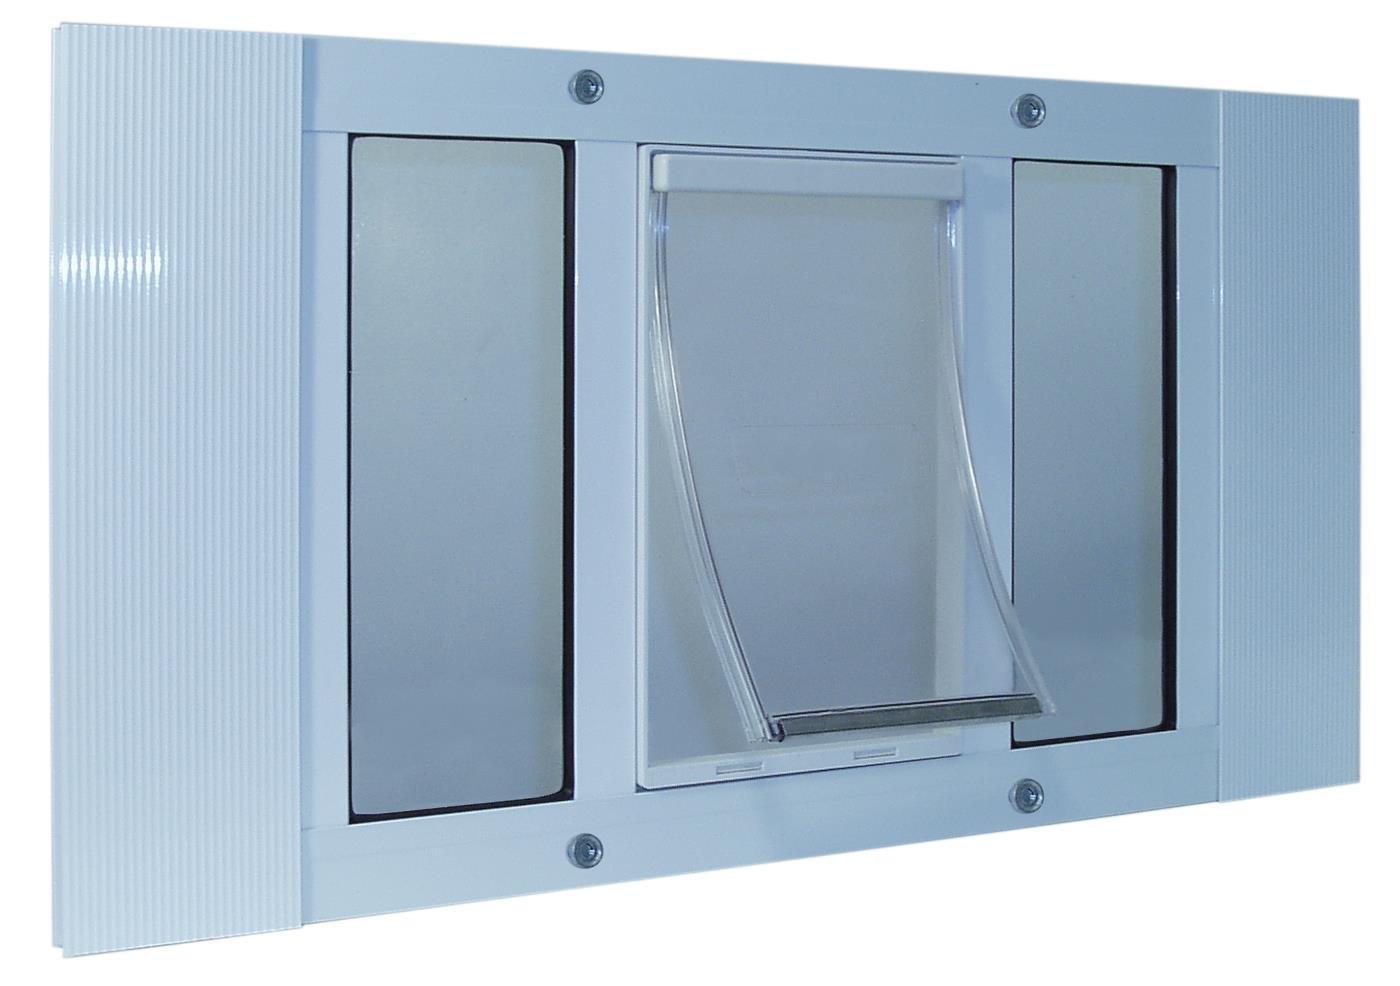 Ideal Pet Products 23SWDM Aluminum Sash Window Pet Door, Medium/7'' x 11.25'', White